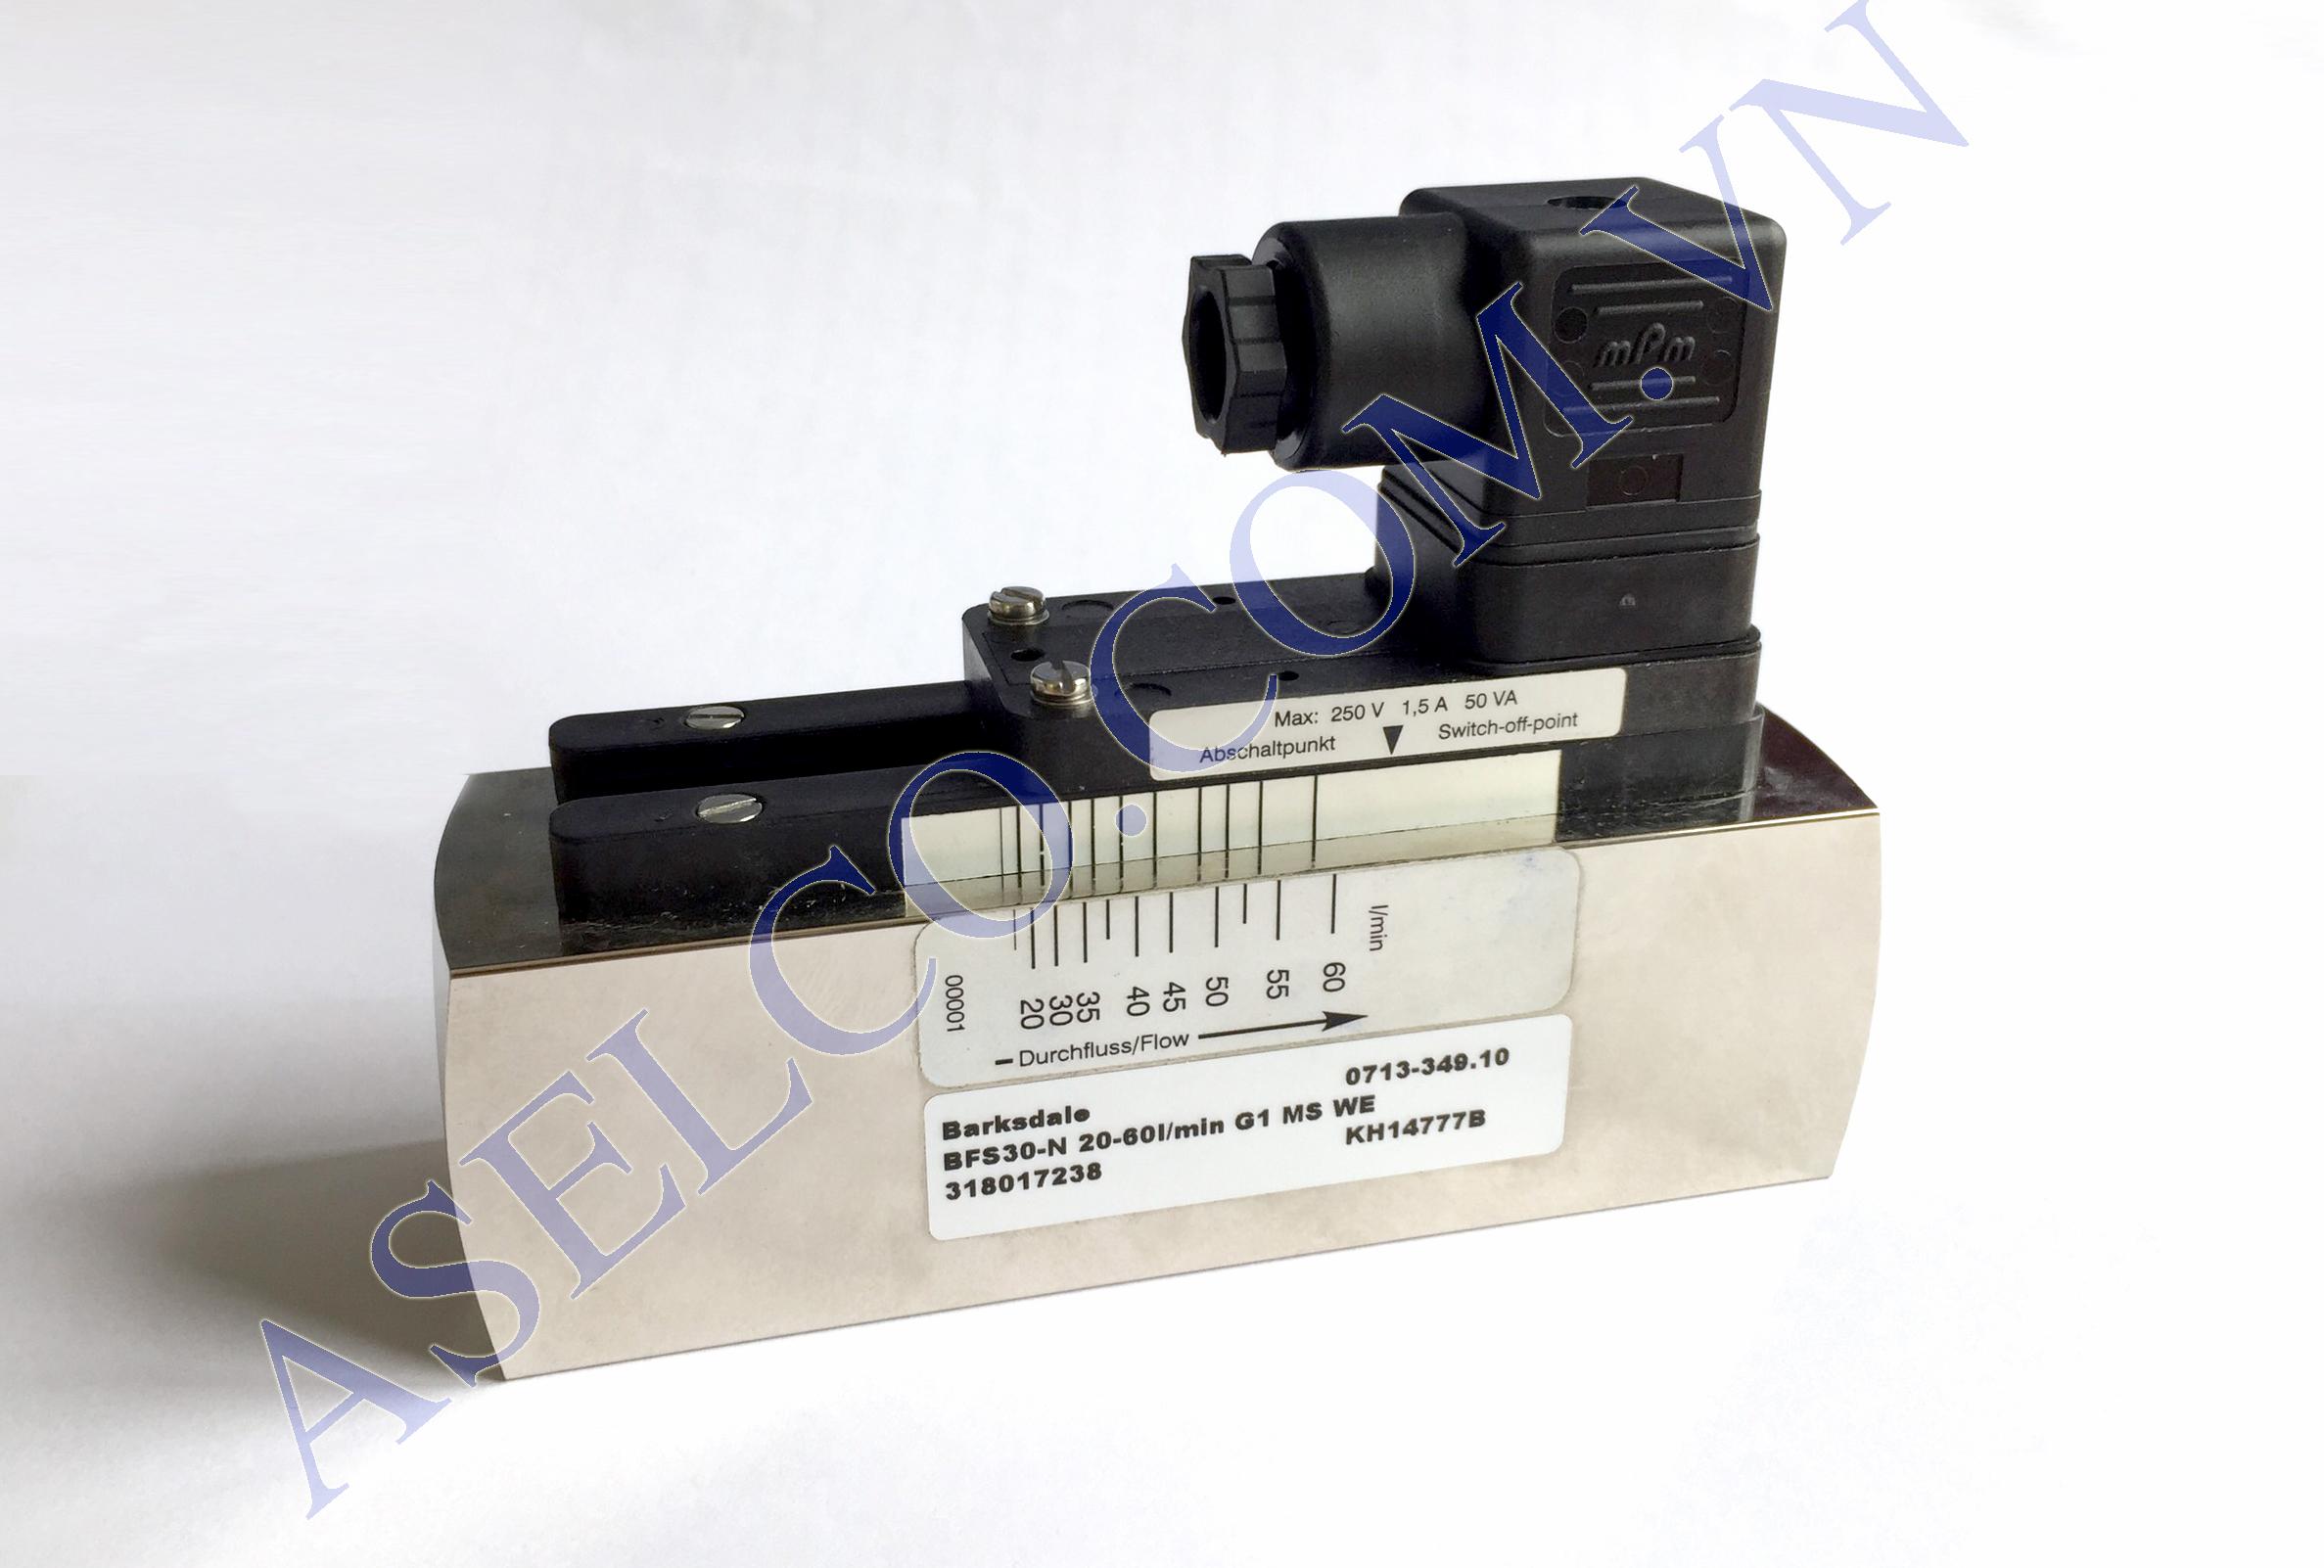 Công tắc lưu lượng Barksdale-BFS30-N 20-60l/min